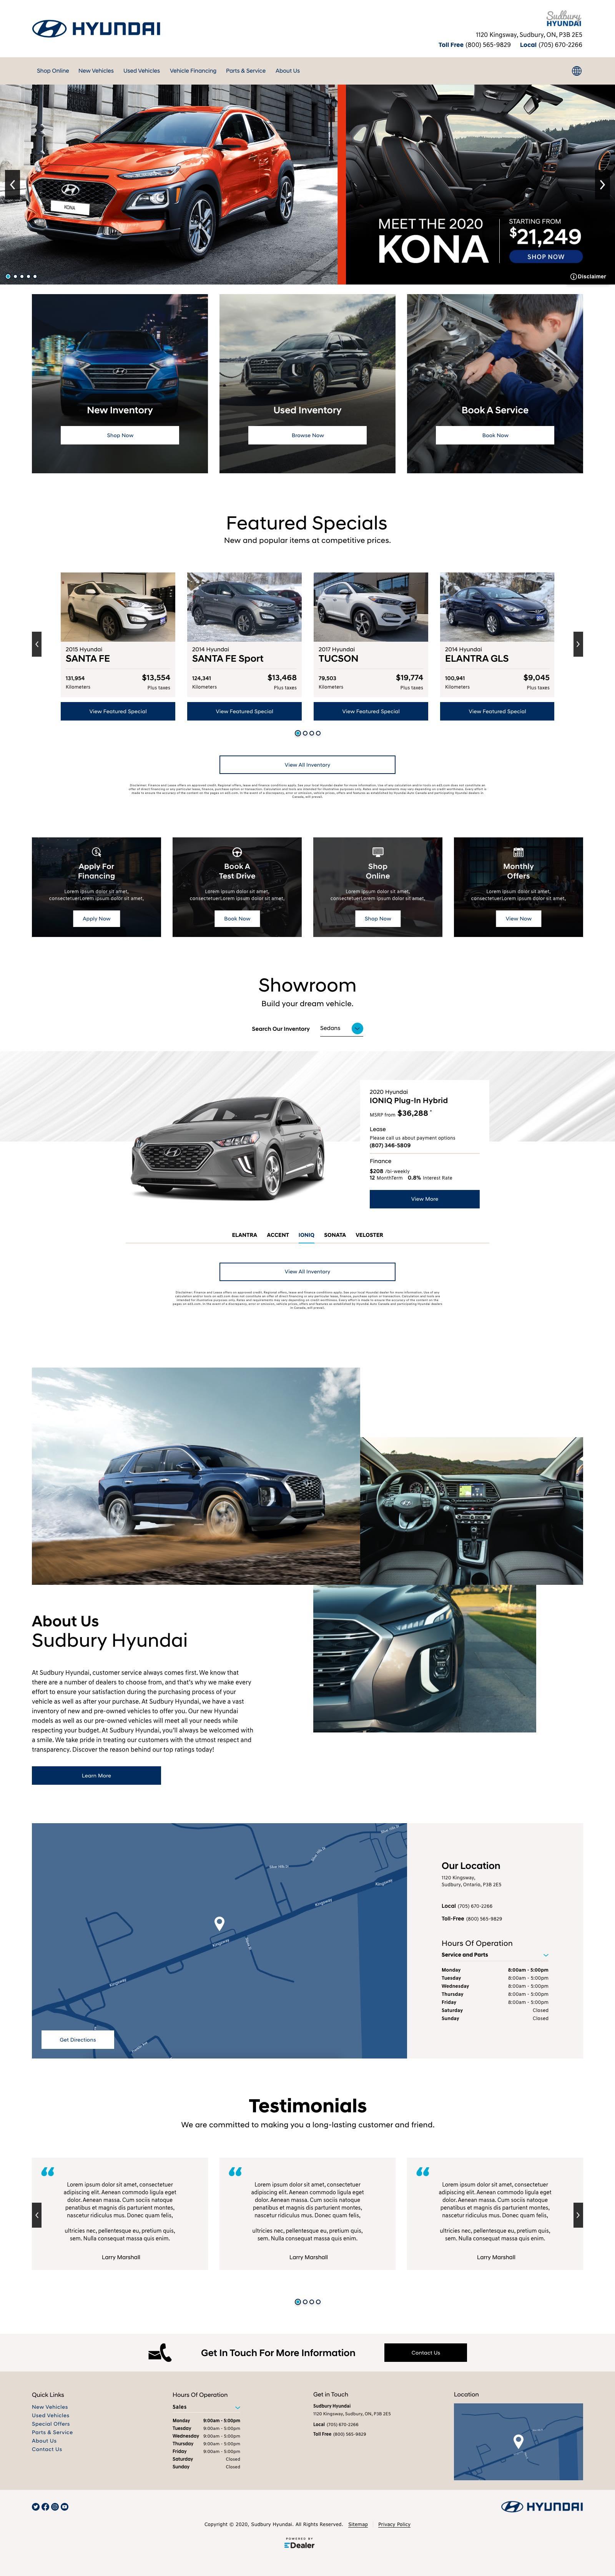 Sudbury Hyundai